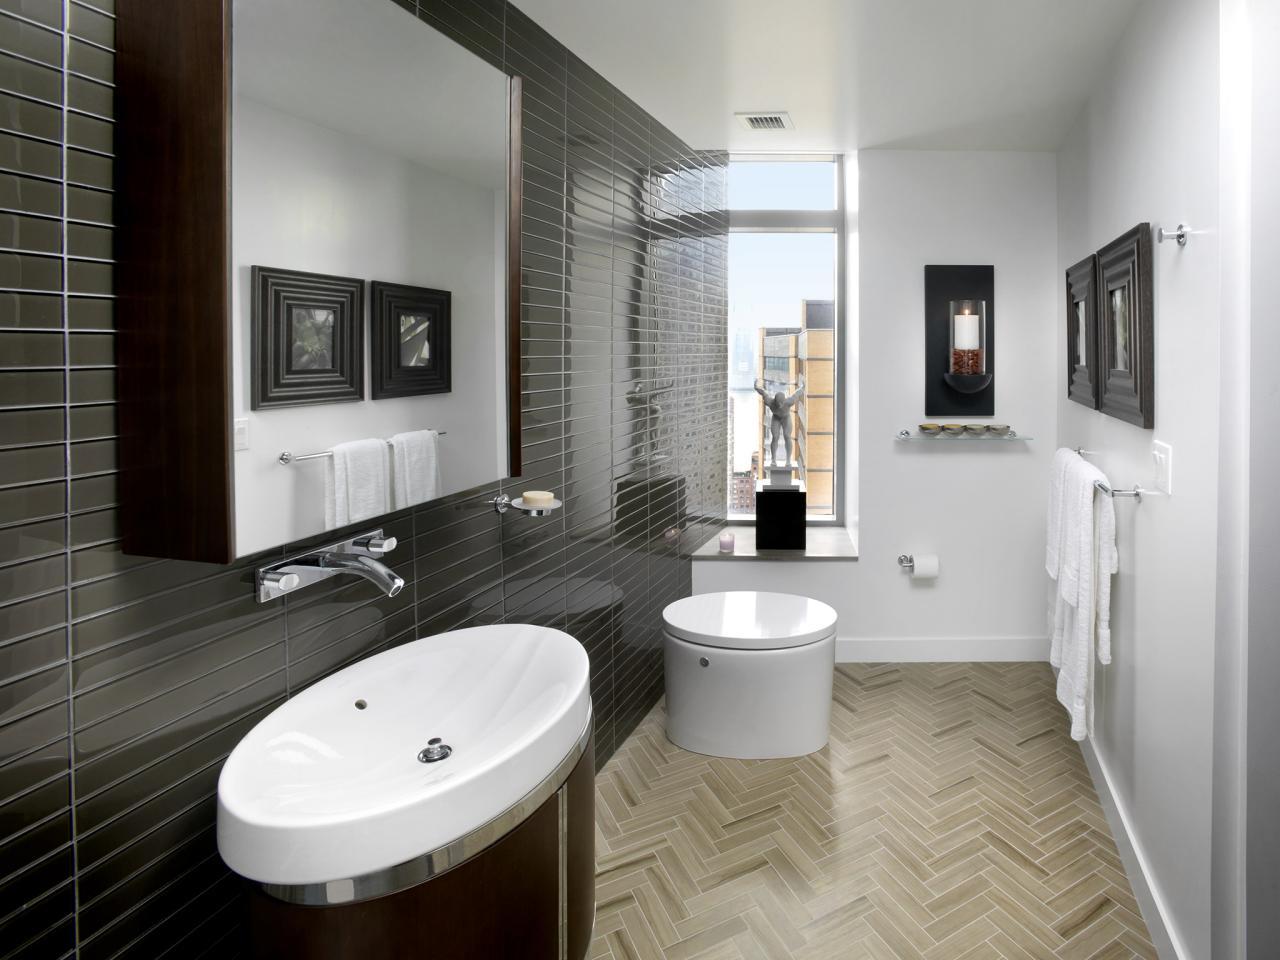 small bathroom design ideas small bathroom decorating ideas YTFRQEG